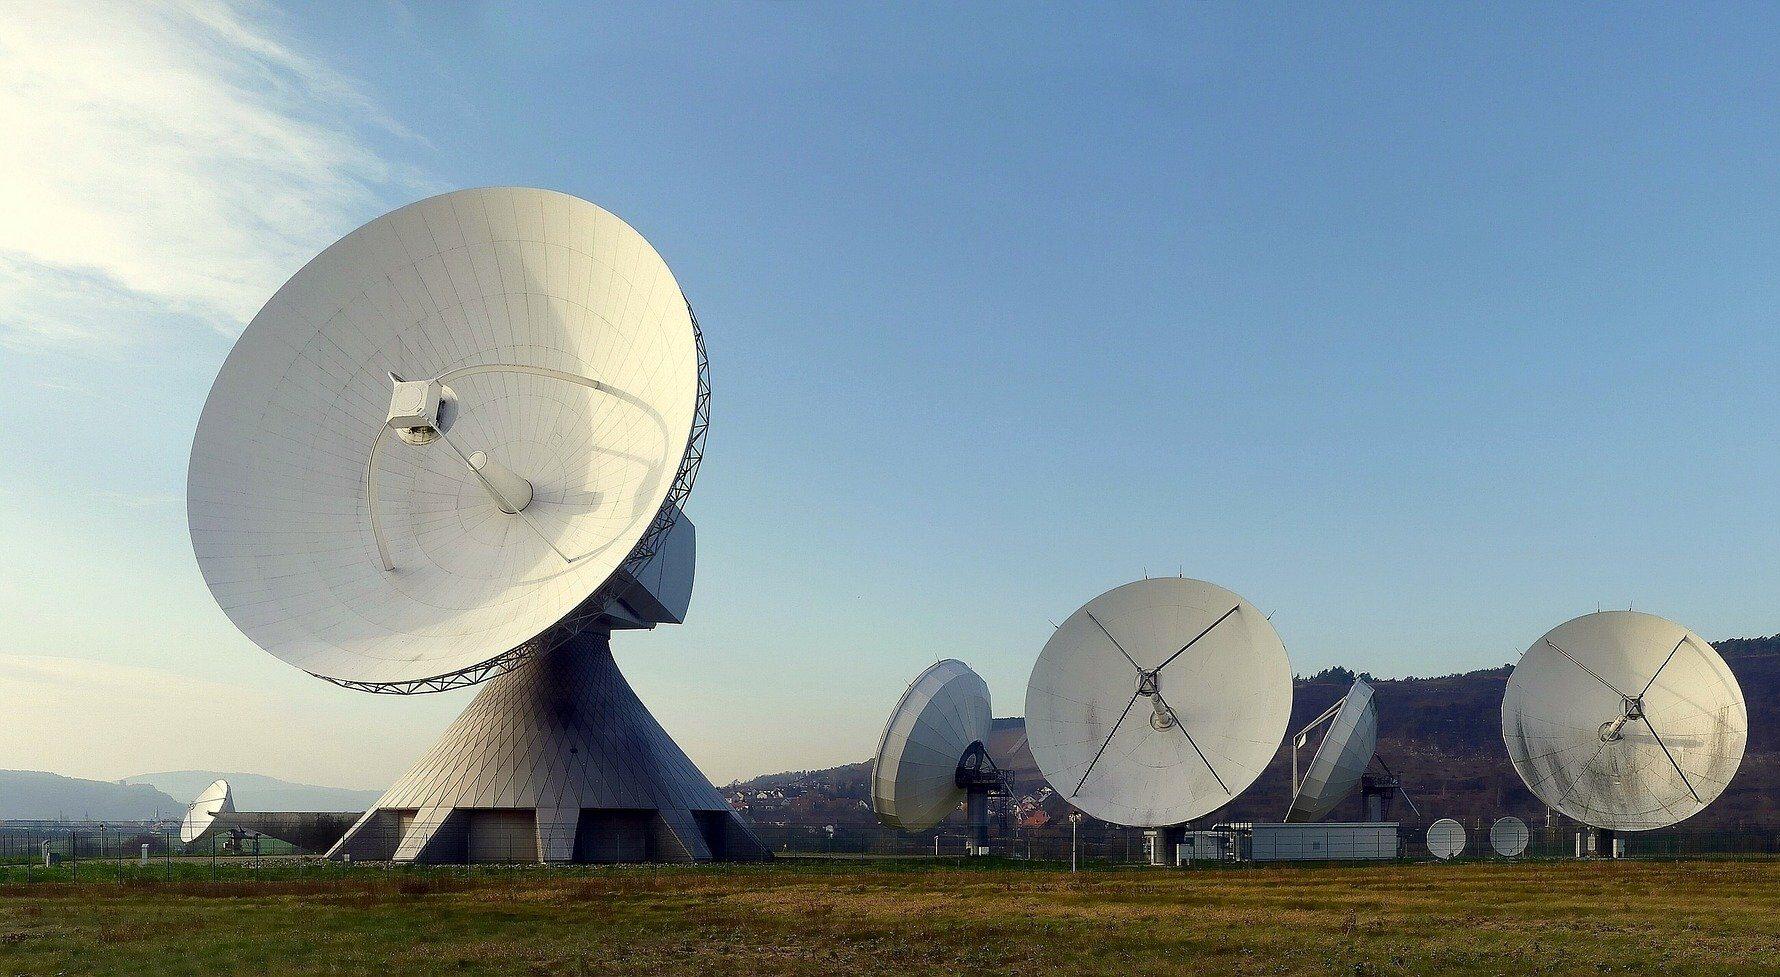 SpaceChain desarrollará una infraestructura satelital descentralizada impulsada por tecnología blockchain